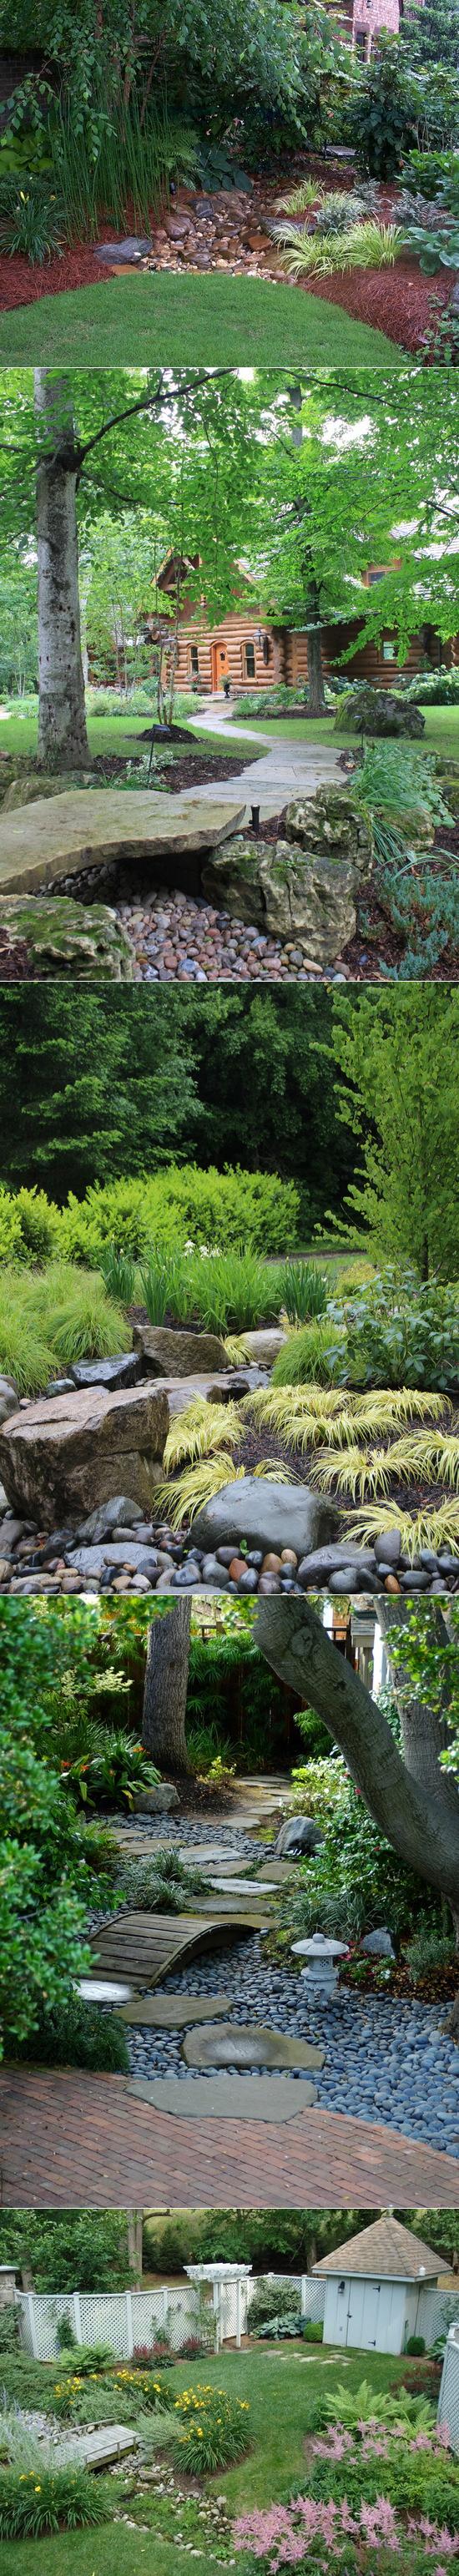 ДОМ   Планировка сада, Отдых на заднем дворе и Японский сад